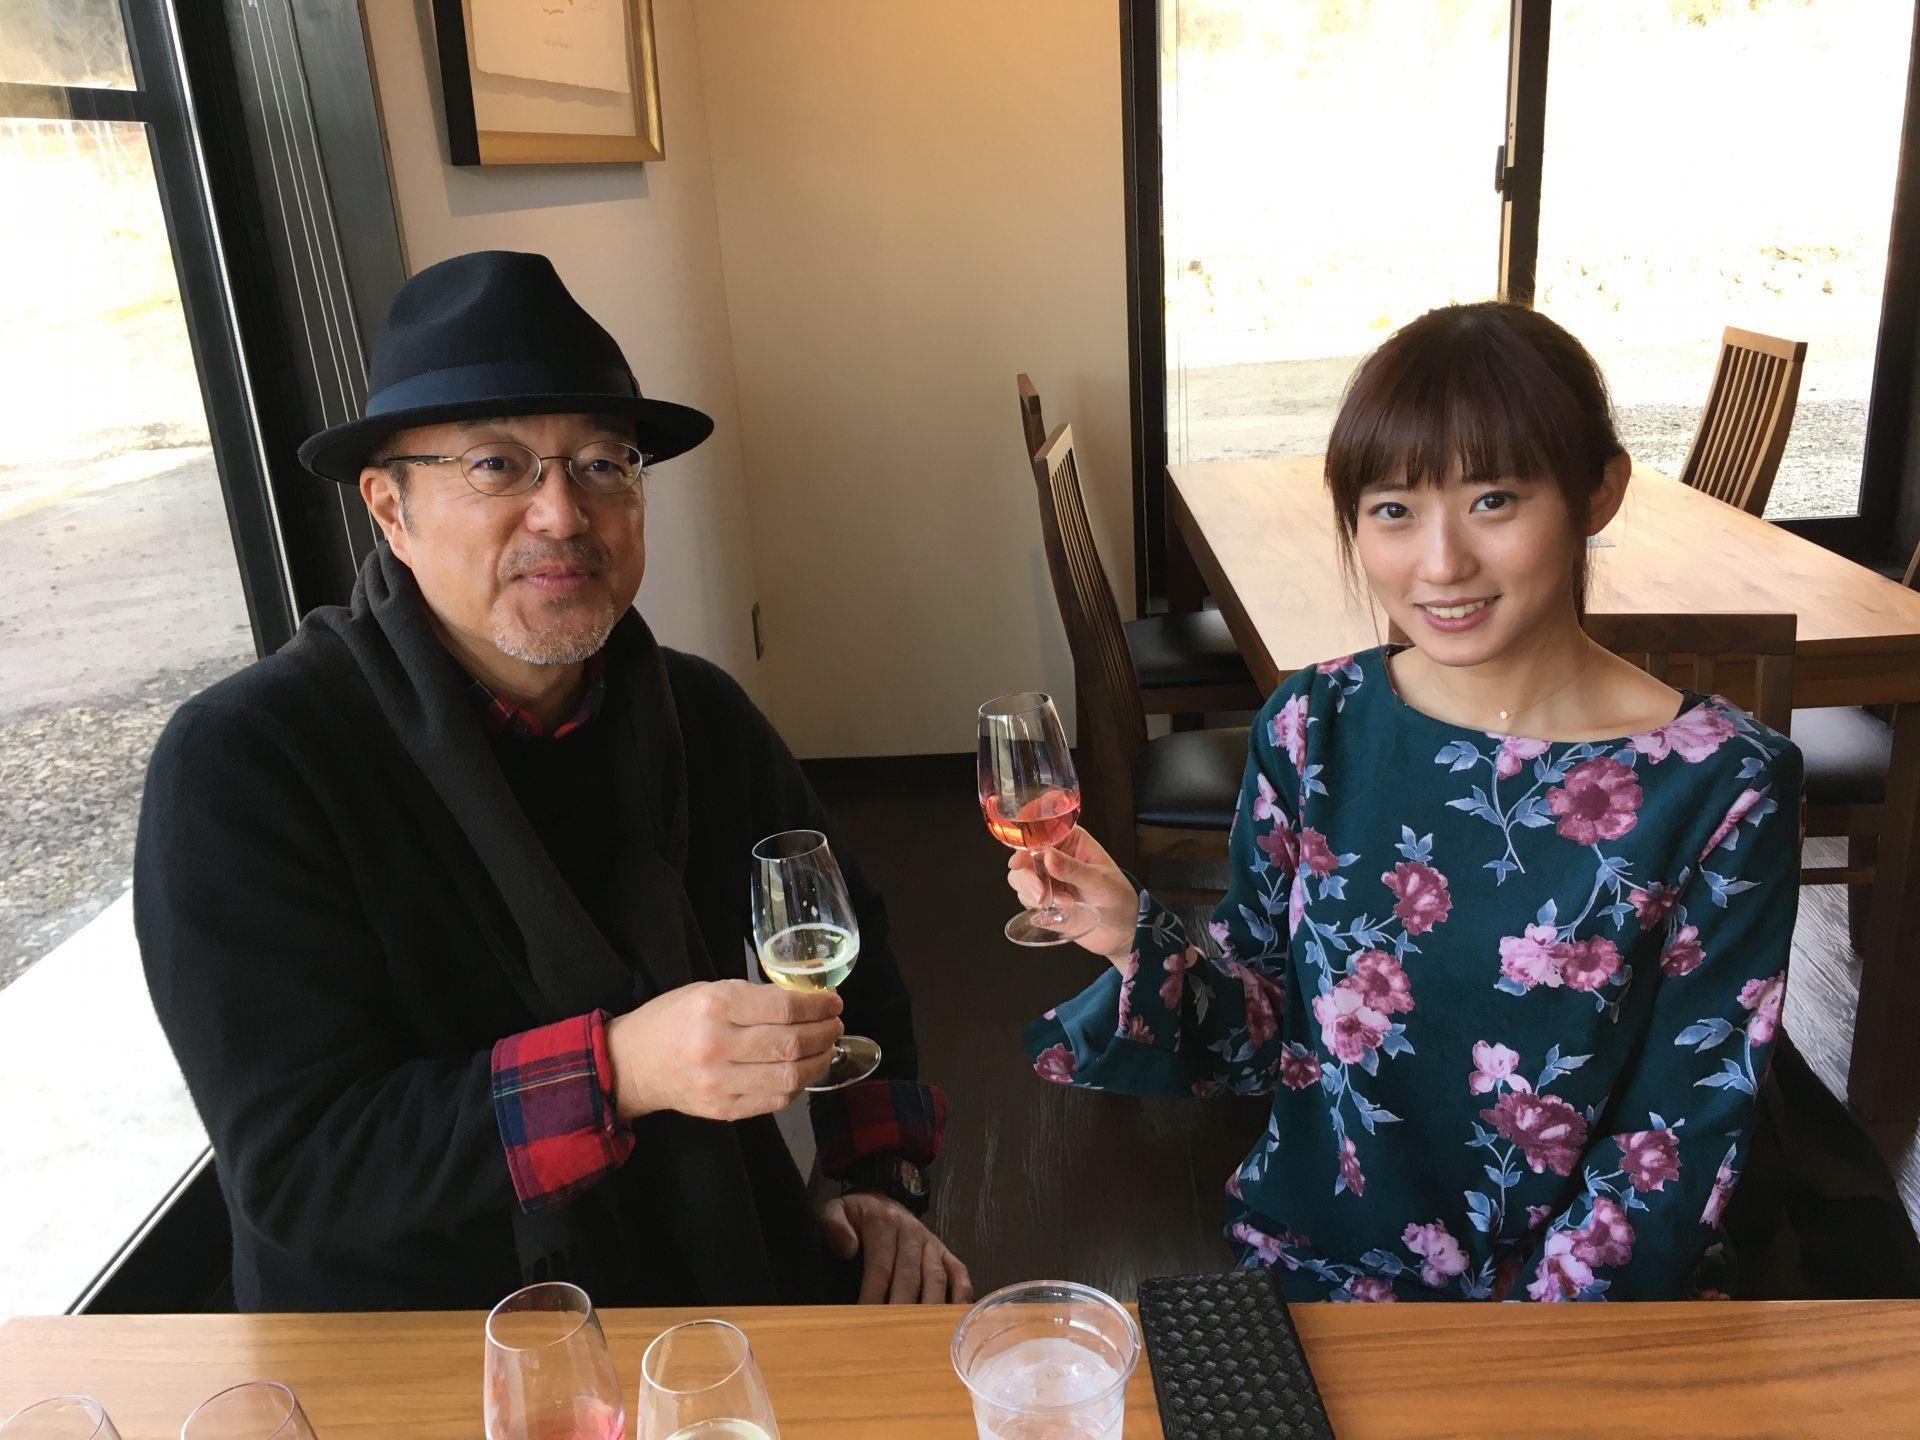 Cheers! I had a fun time.